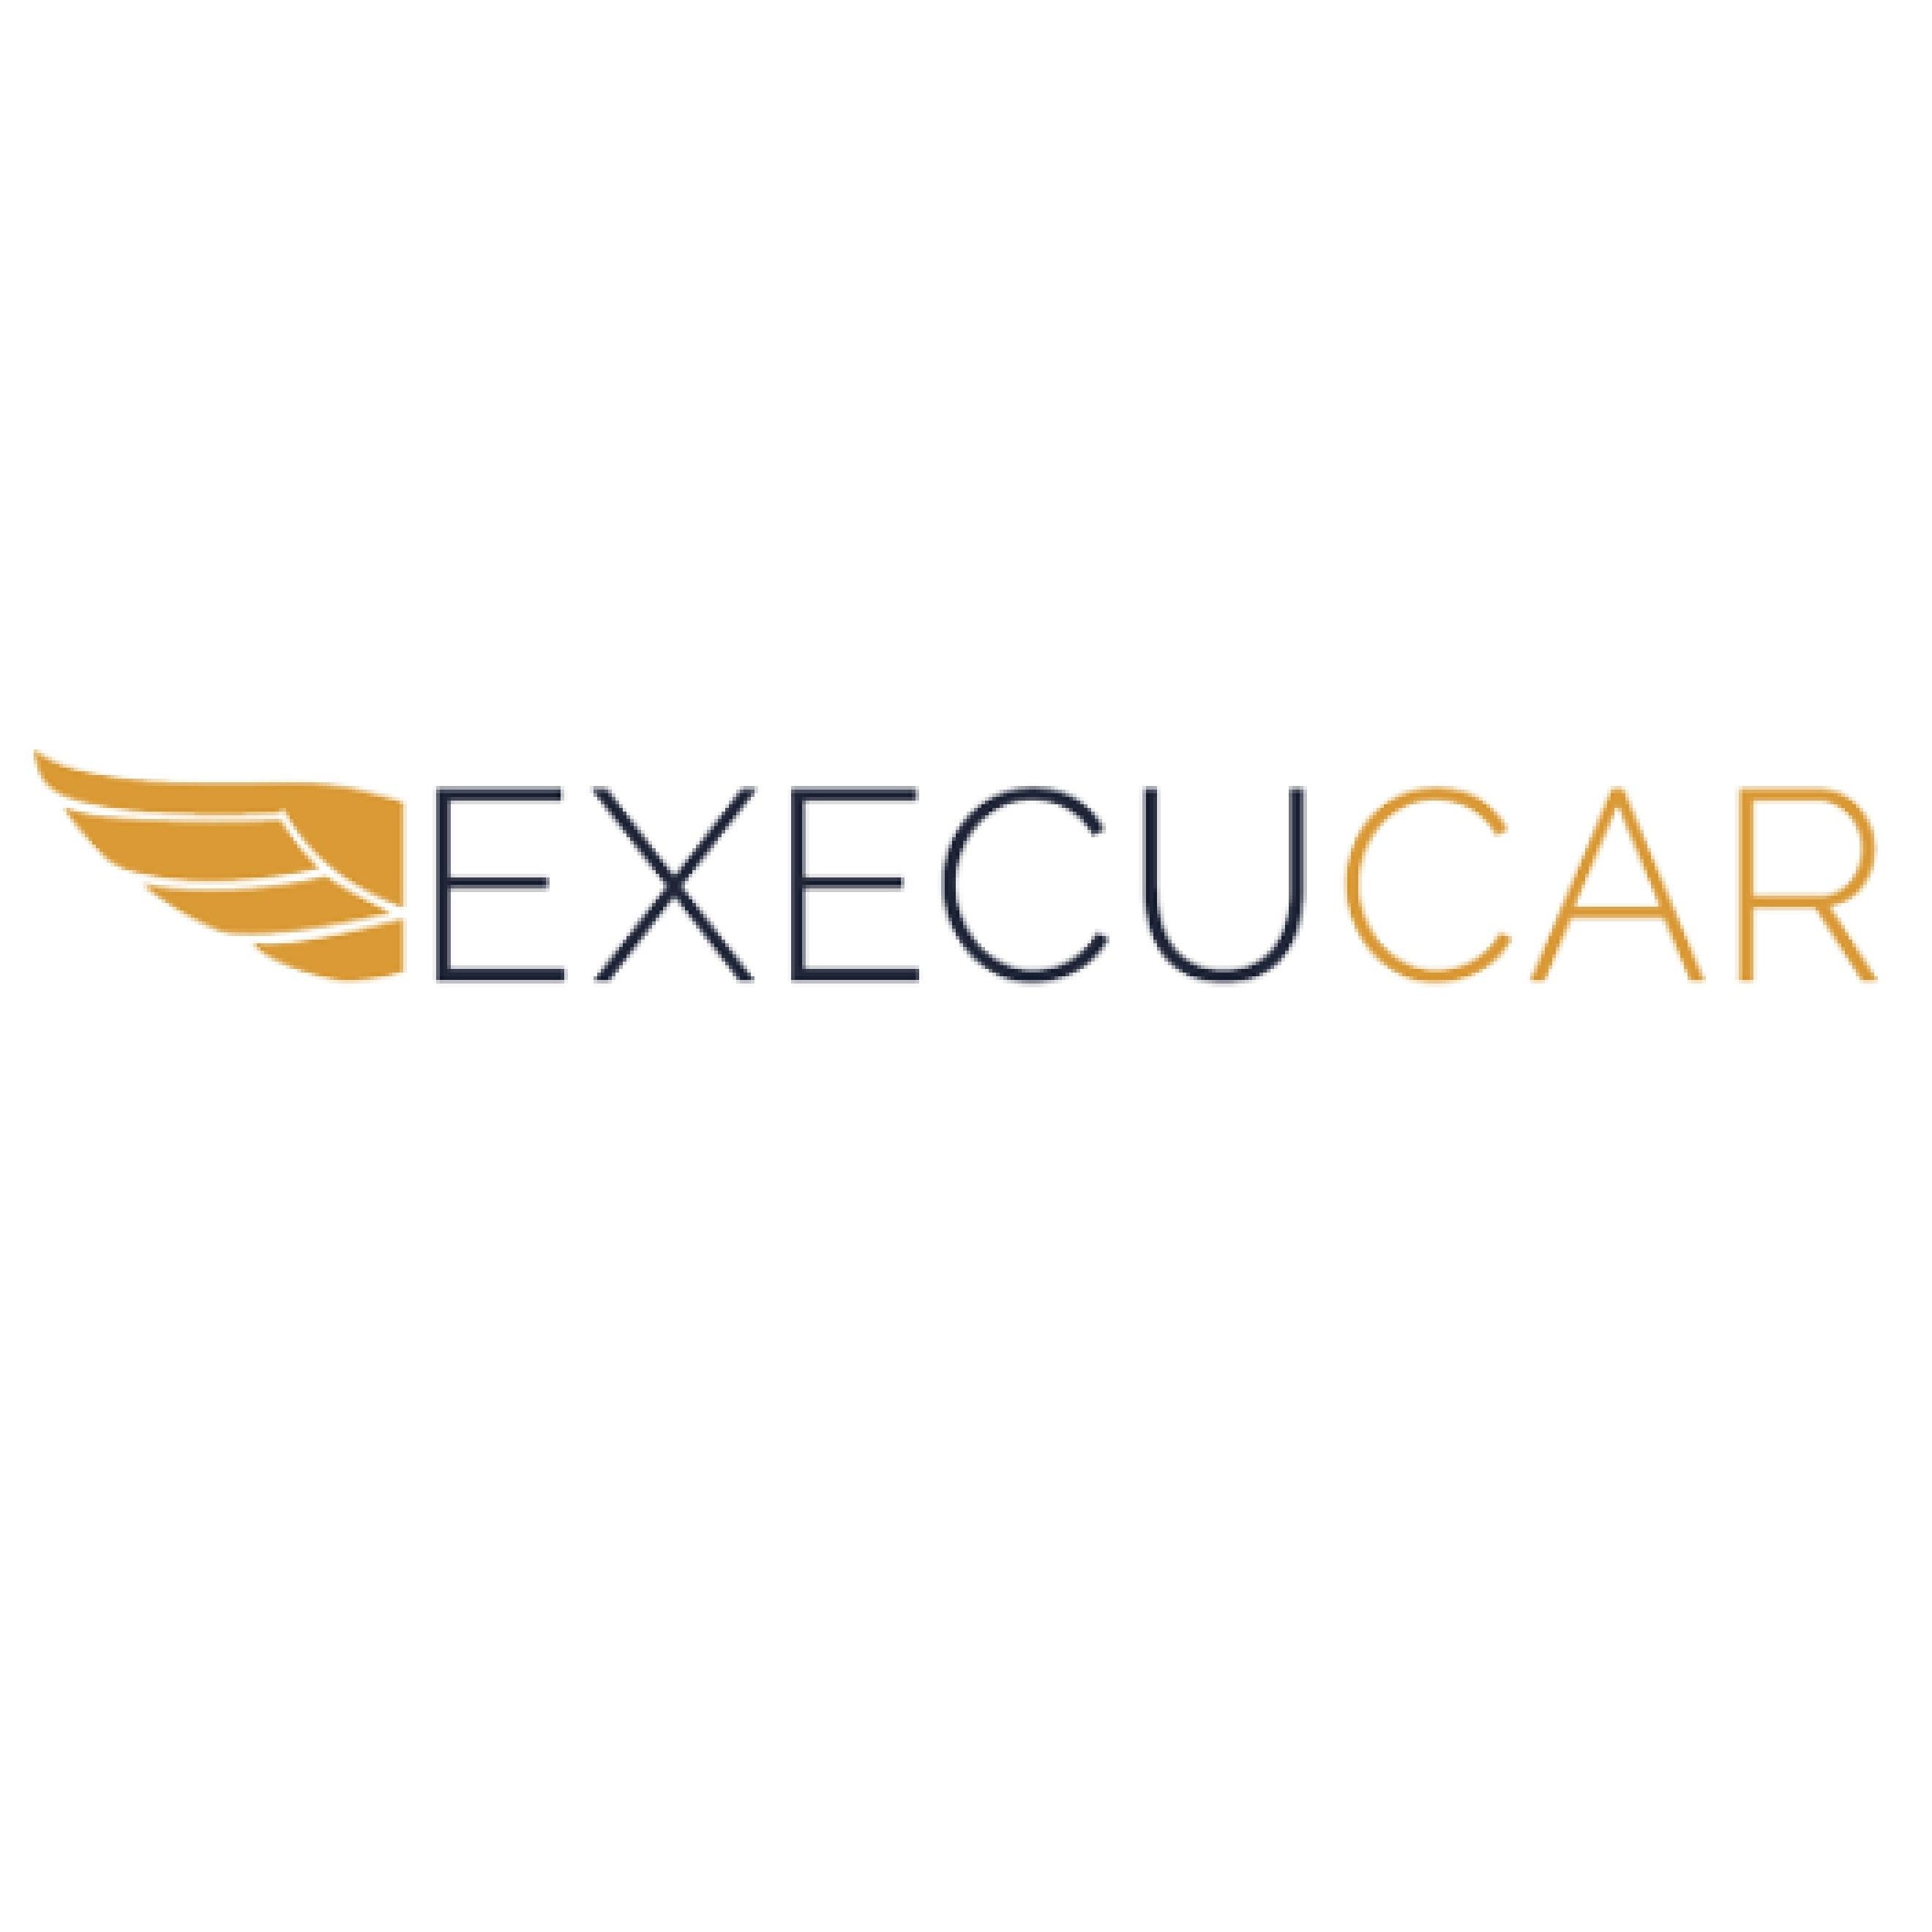 Execucar - Premium Van, Curbside